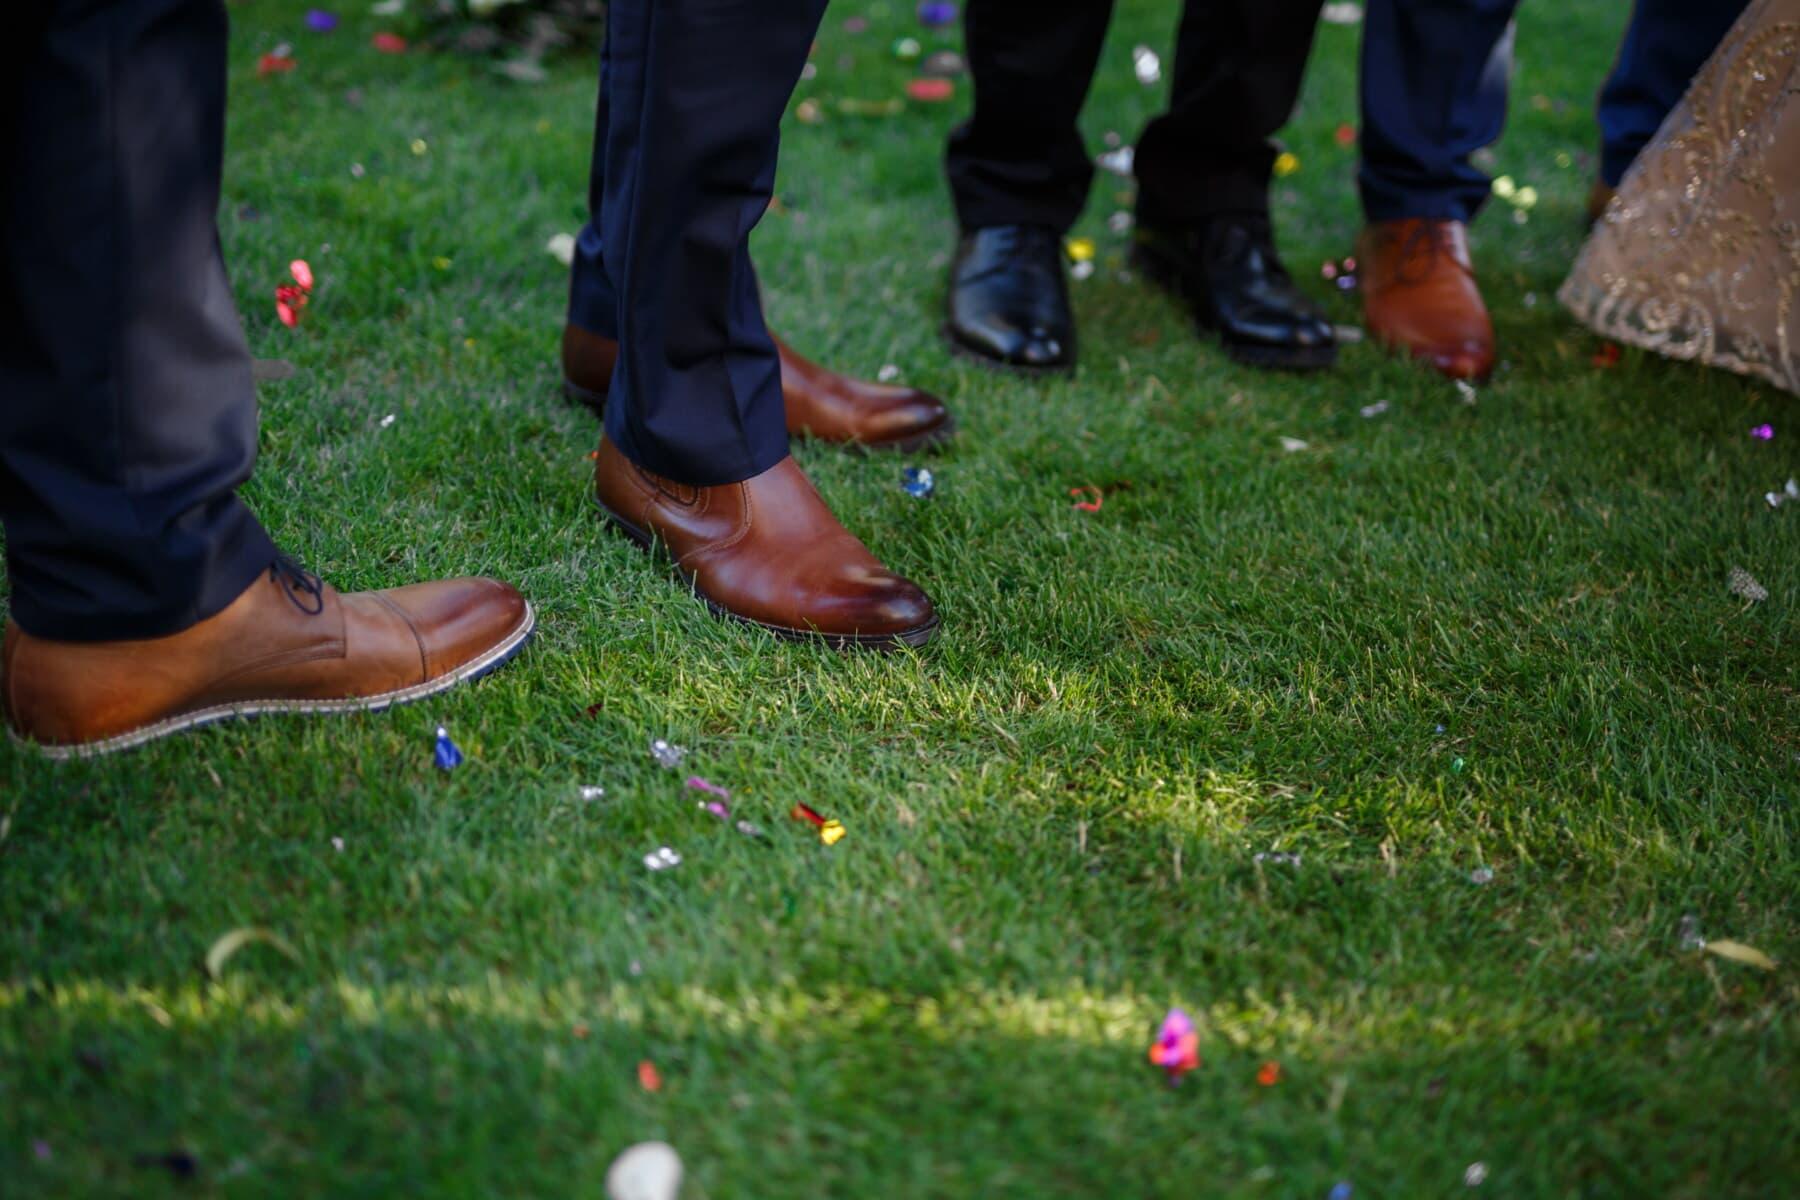 men, shoes, pants, legs, lawn, shoe, grass, foot, footwear, people